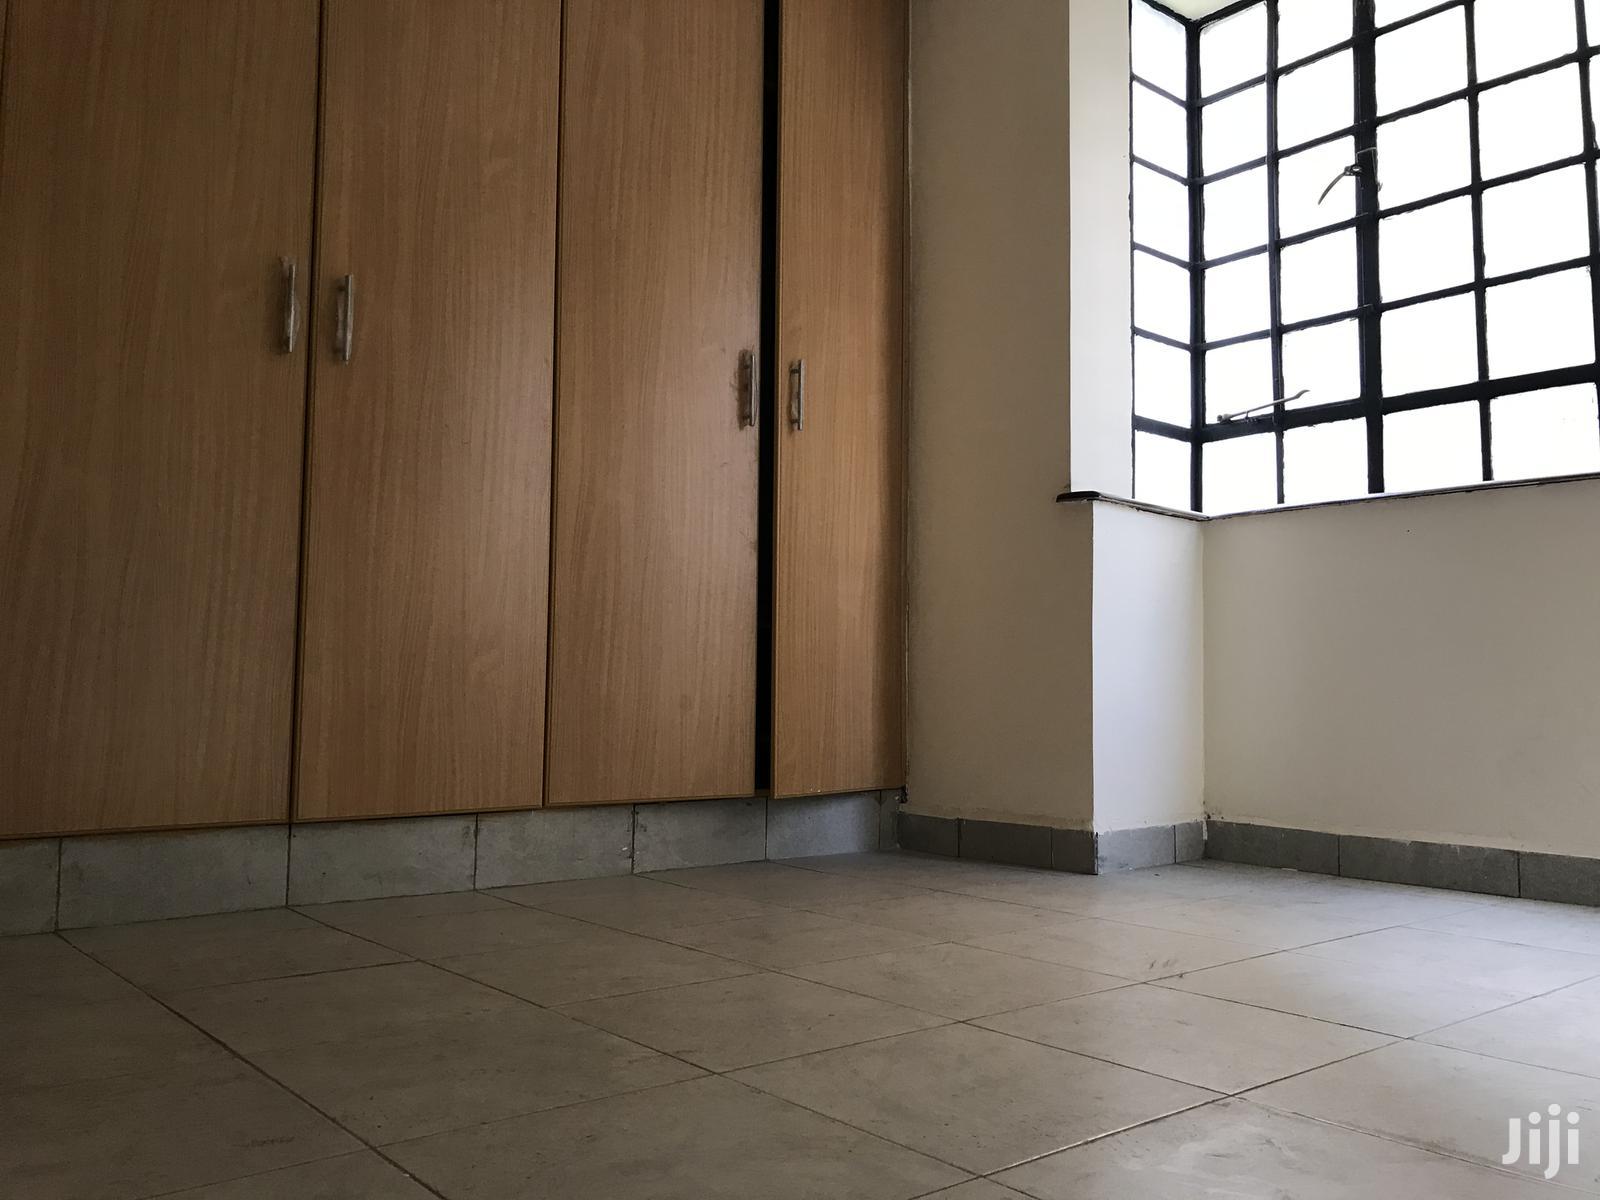 3bedroom Syokimau   Houses & Apartments For Sale for sale in Syokimau, Machakos, Kenya